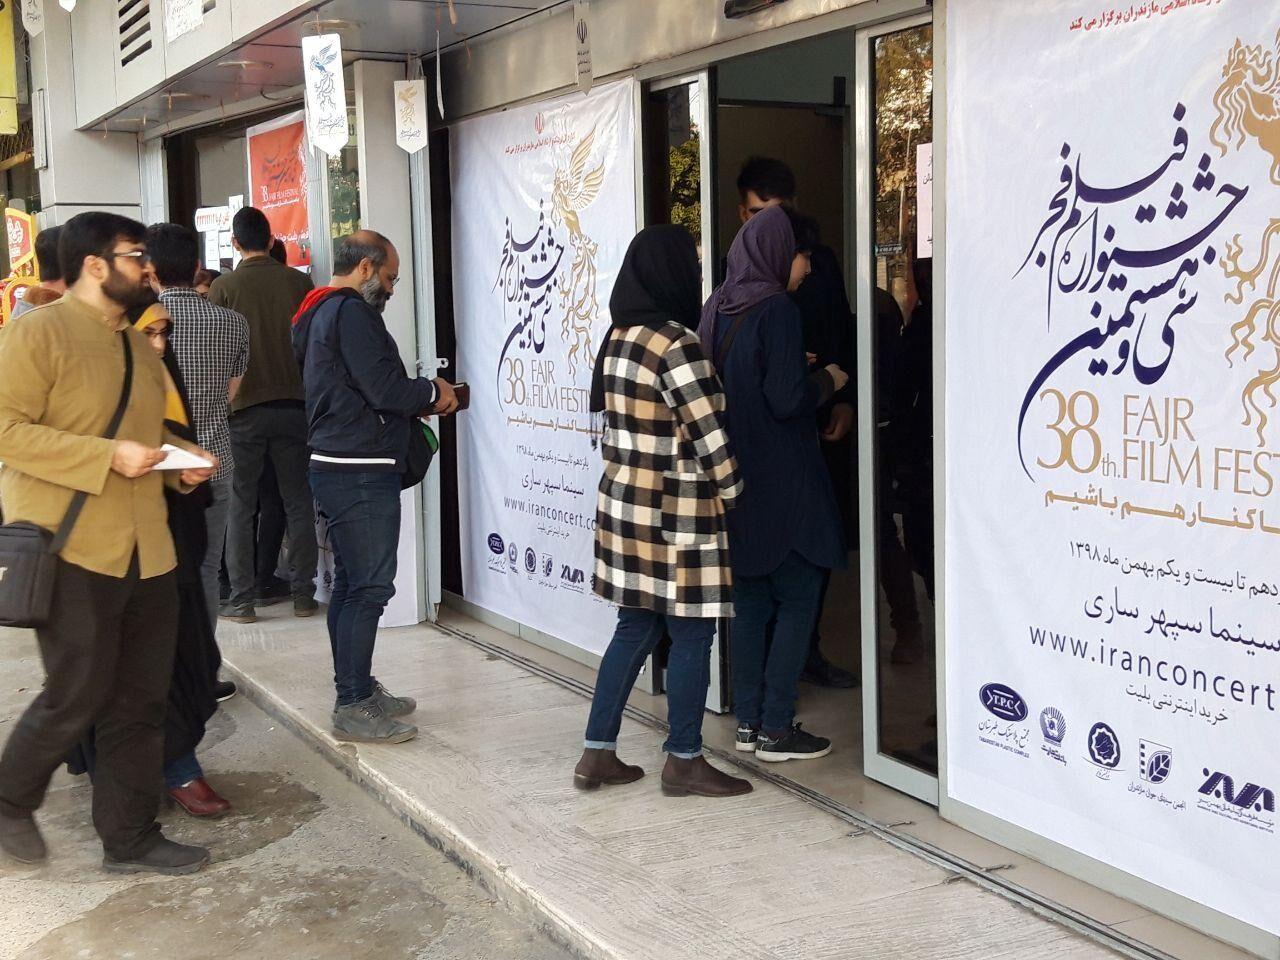 ۱۲ هزار مازندرانی فیلمهای جشنواره فجر را تماشا کردند